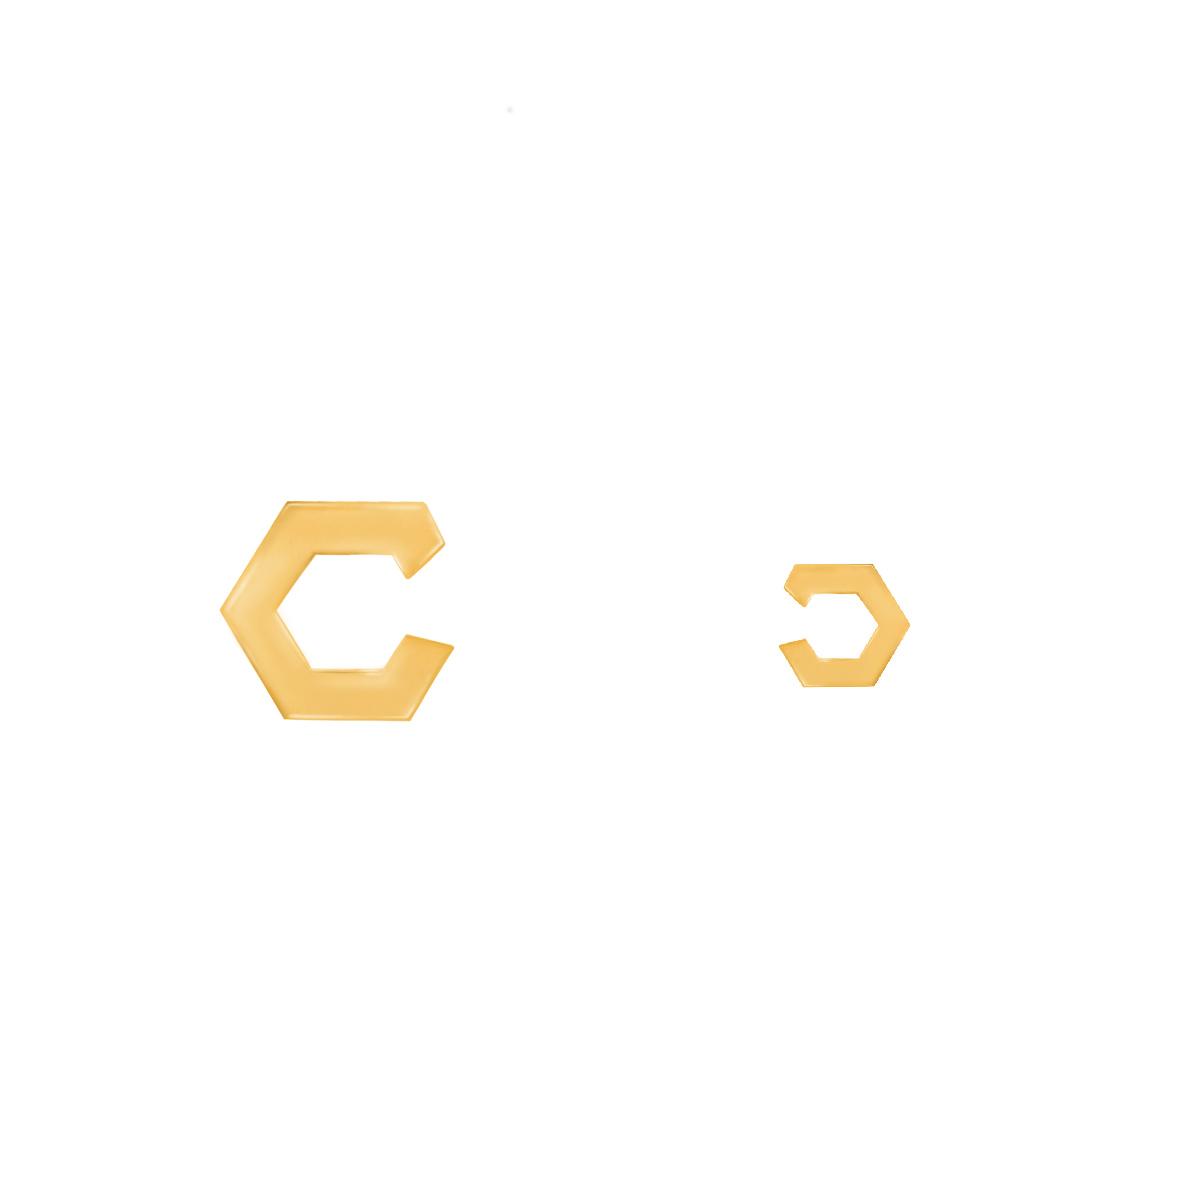 گوشواره طلا شش ضلعی